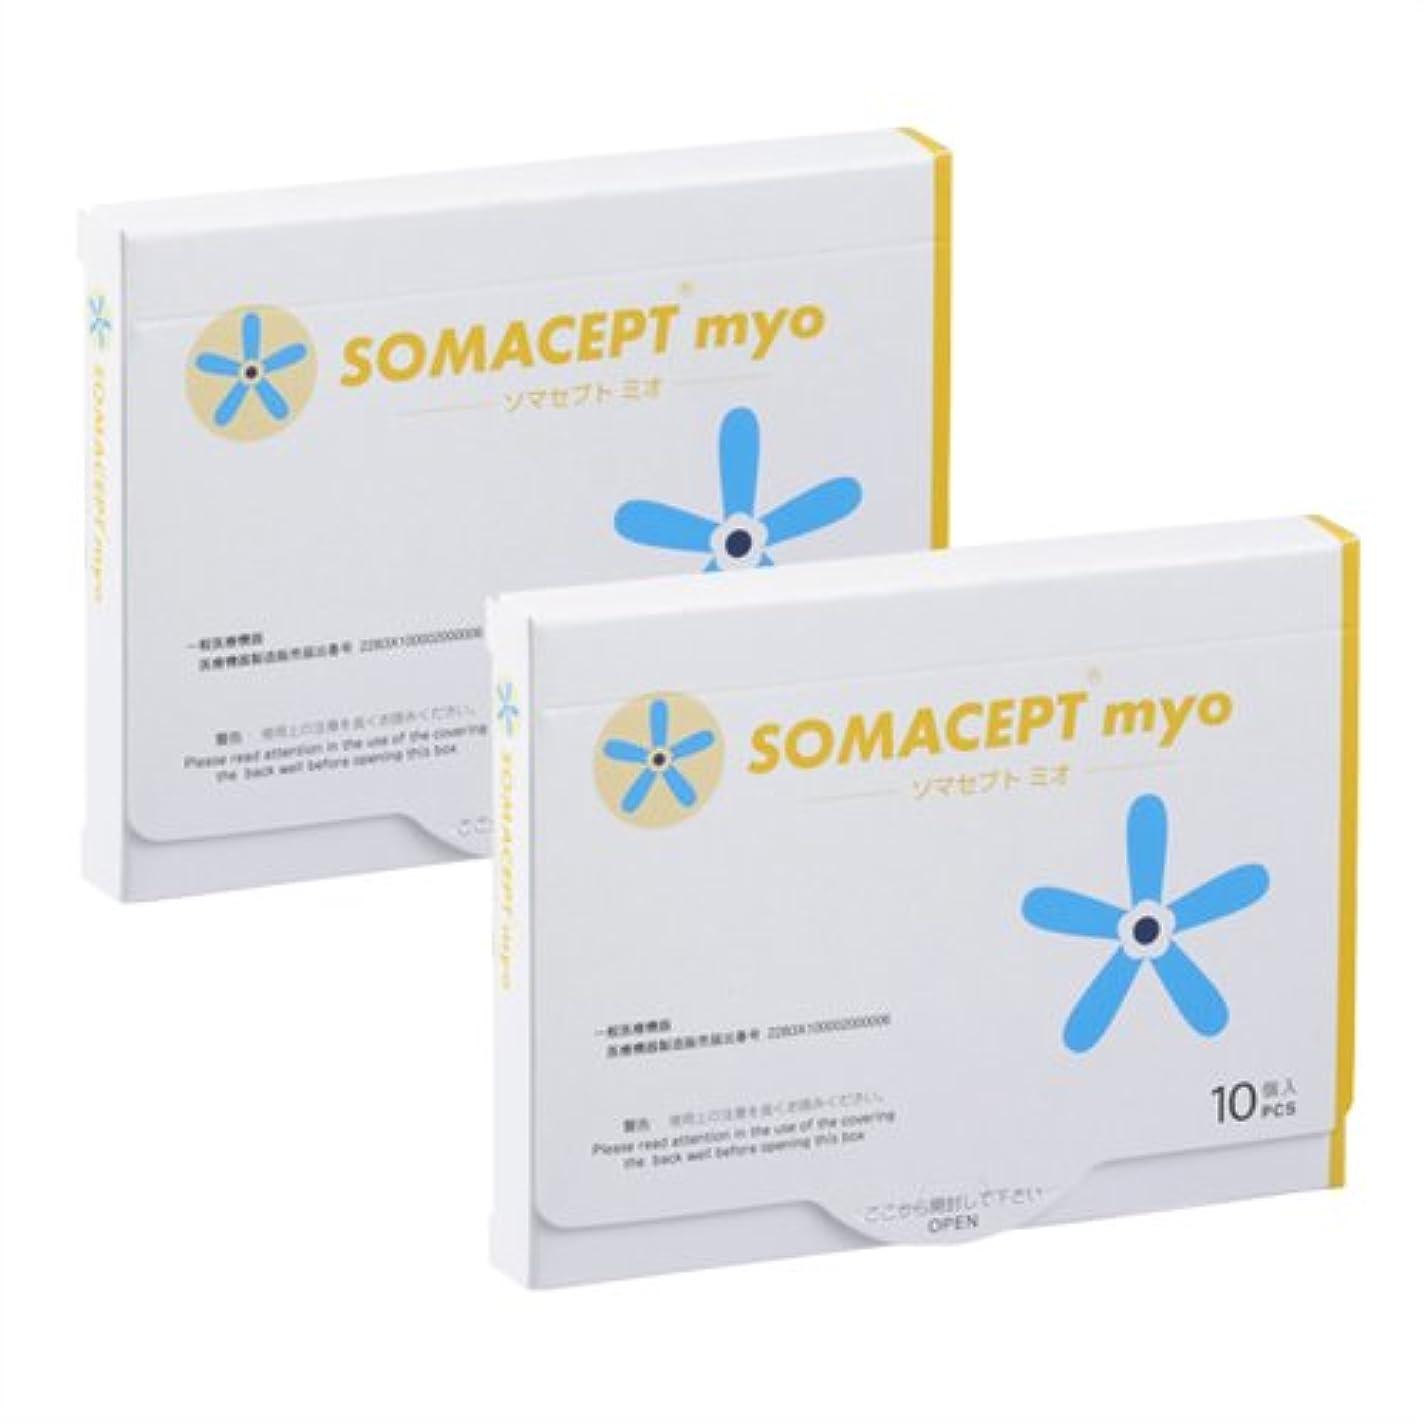 冷淡なパネルインストールソマセプト ミオ SOMACEPT myo 10個入り (直径17mm)2個セット